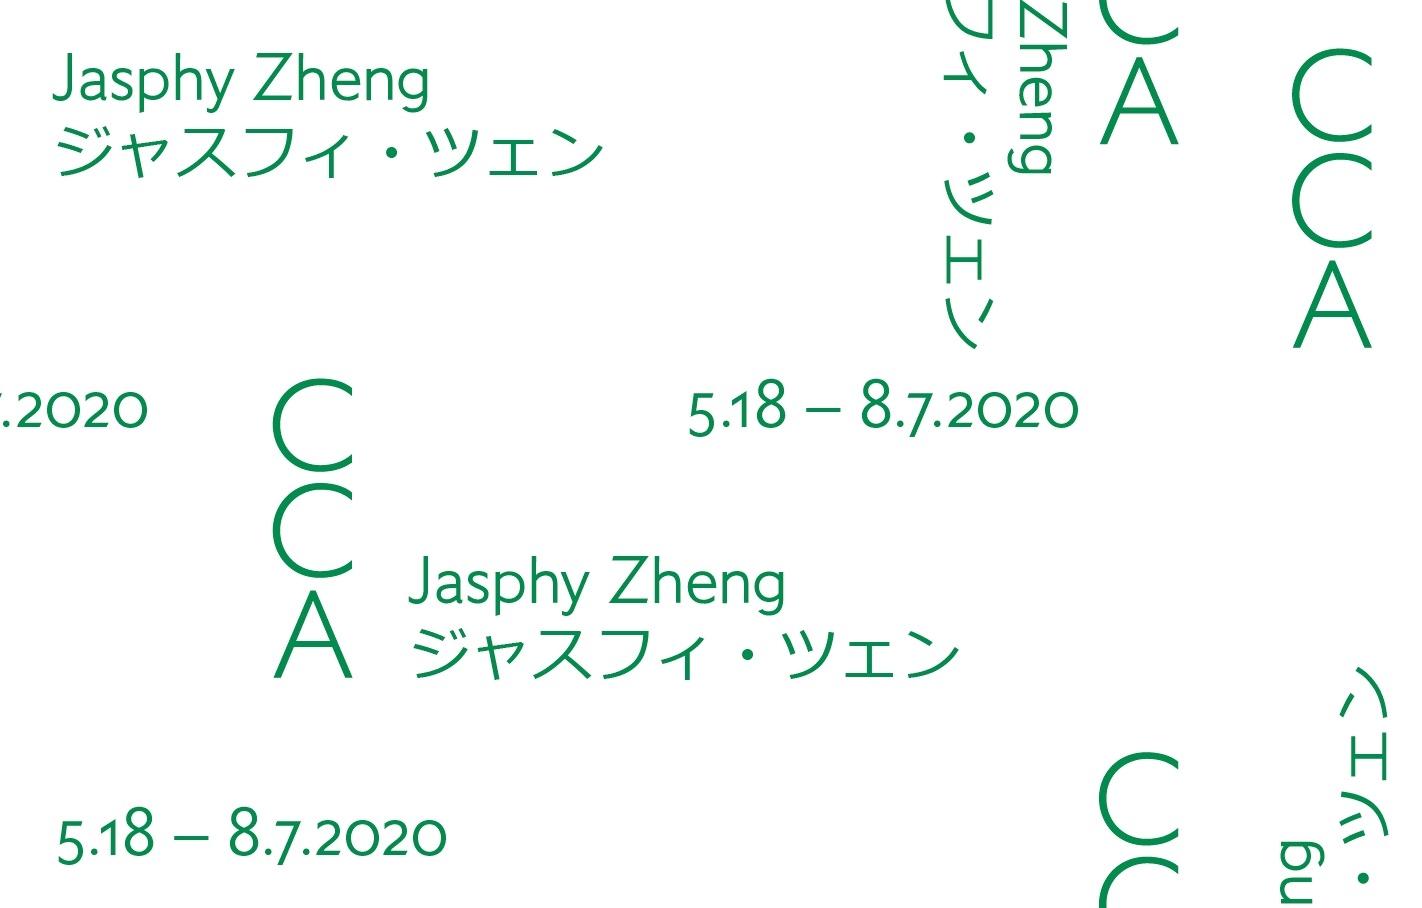 現代美術センターCCA北九州 「ジャスフィ・ツェン ~部屋から届く物語~」